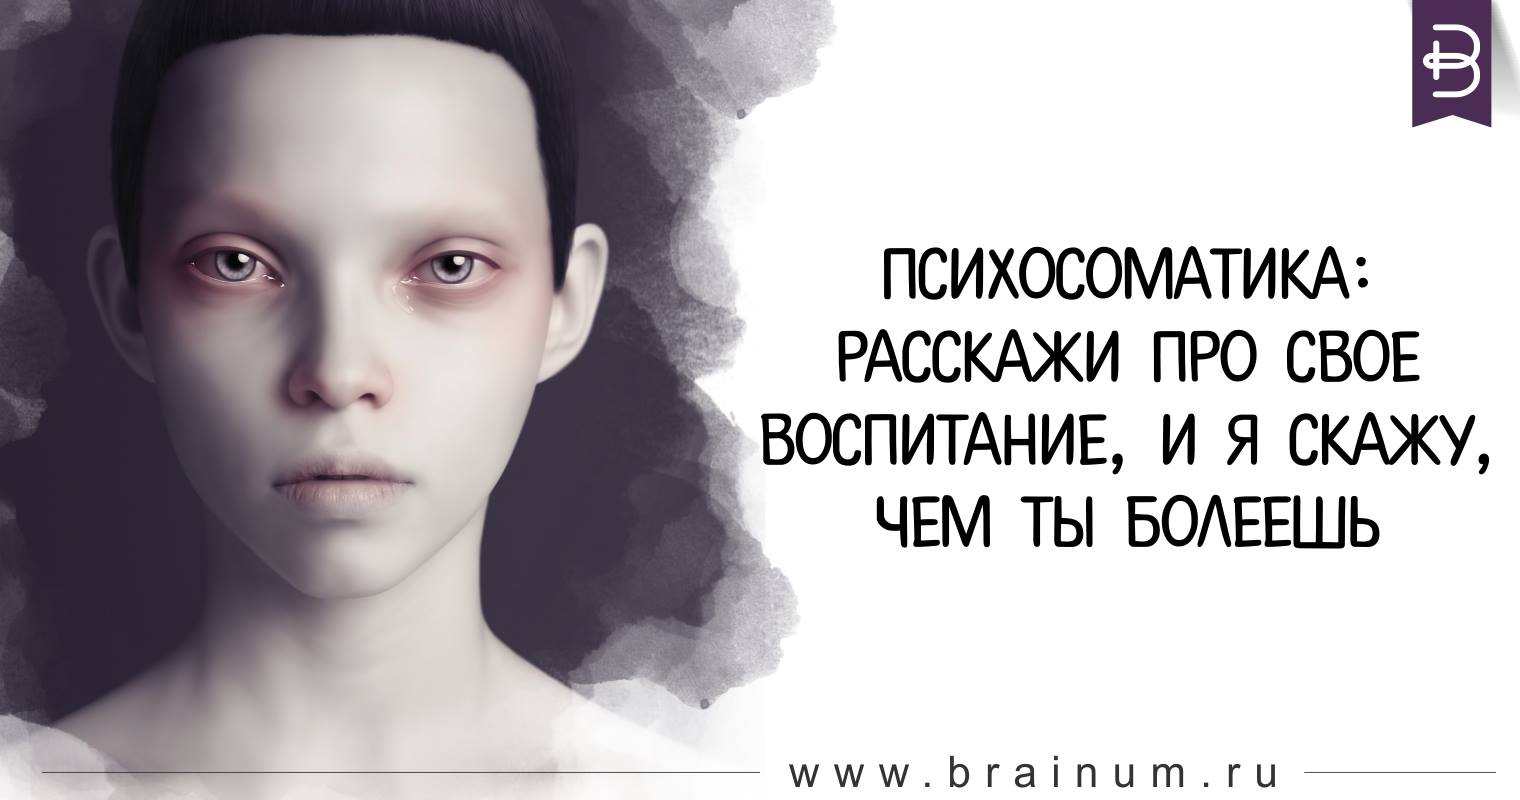 Психосоматика. Расскажи про свое воспитание, и я скажу, чем ты болеешь